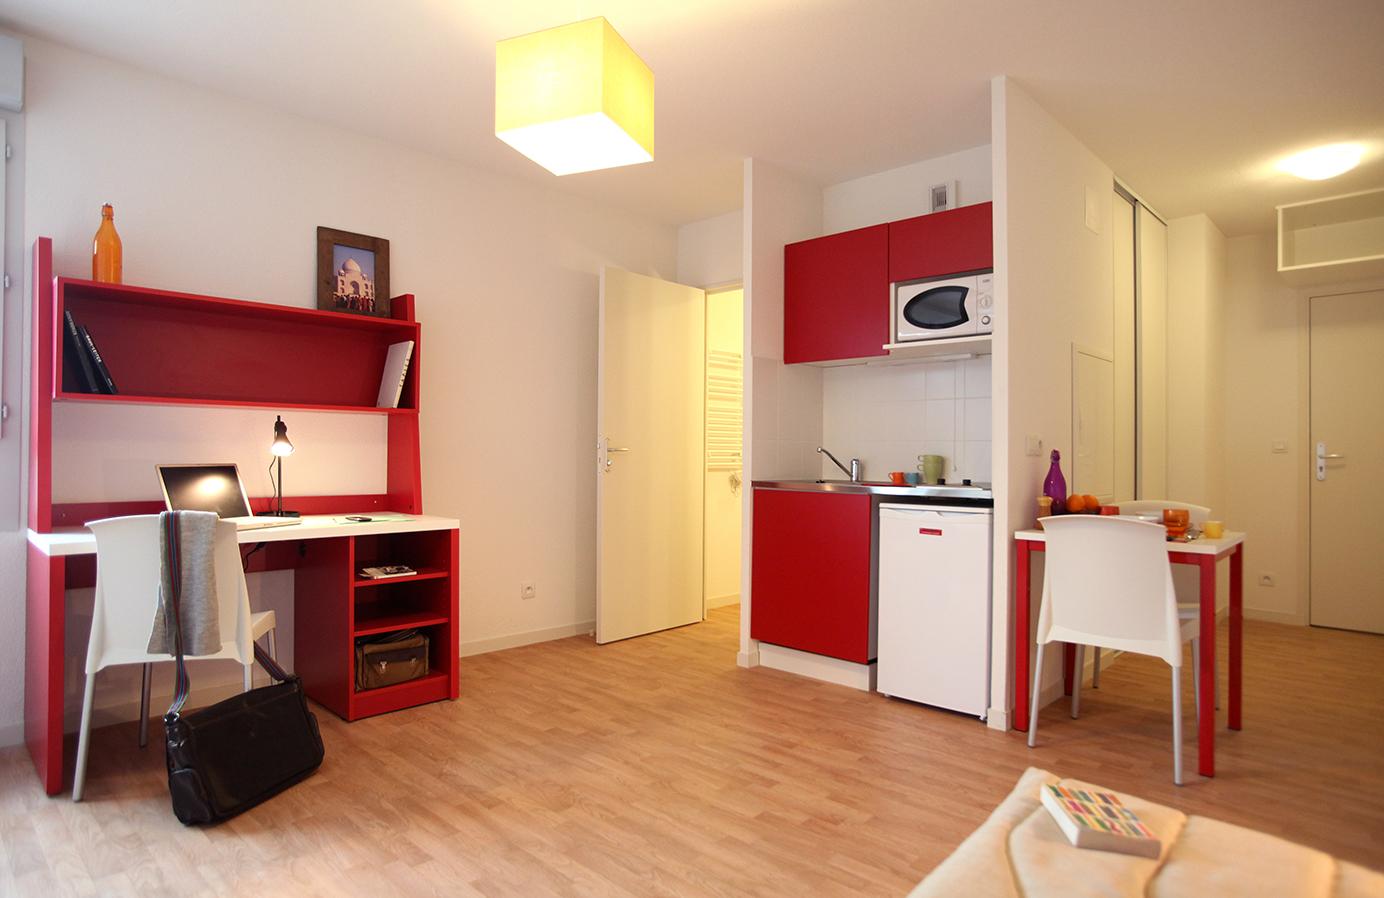 image  2019 06 21 suitetudes residence etudiante suitetudes andromaque villeurbanne appartement coin repas.JPG